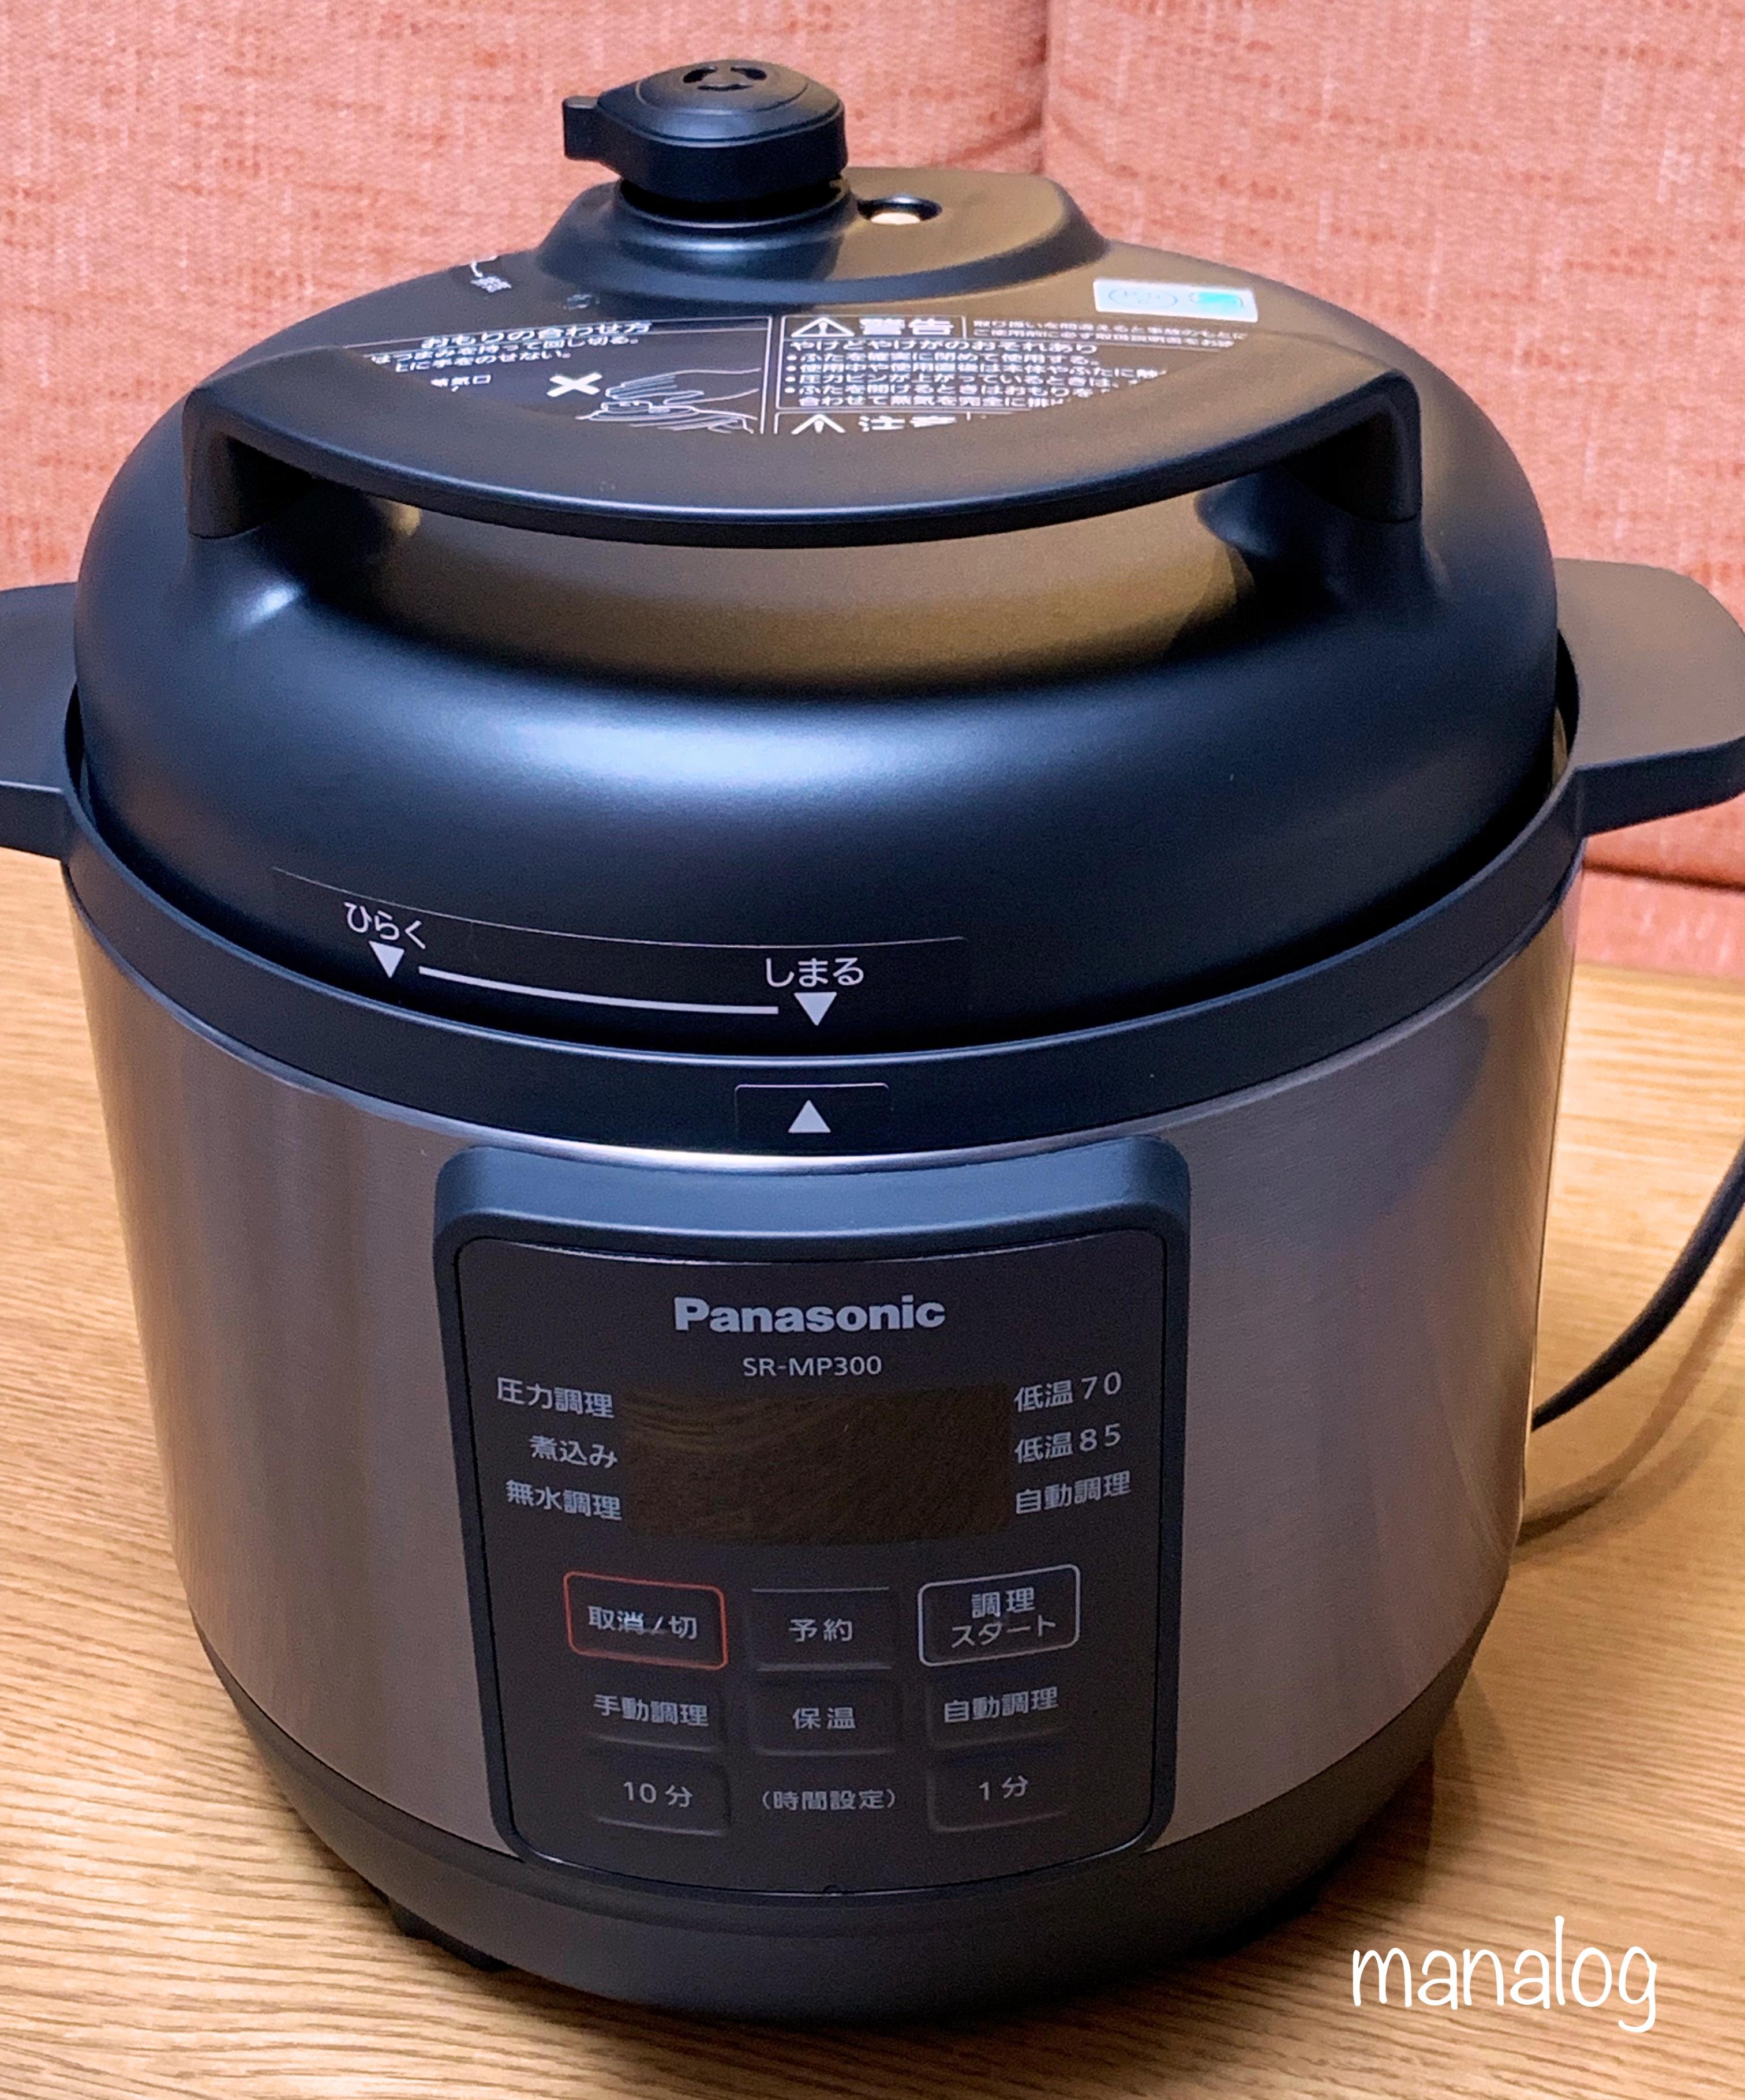 鍋 圧力 パナソニック 電気